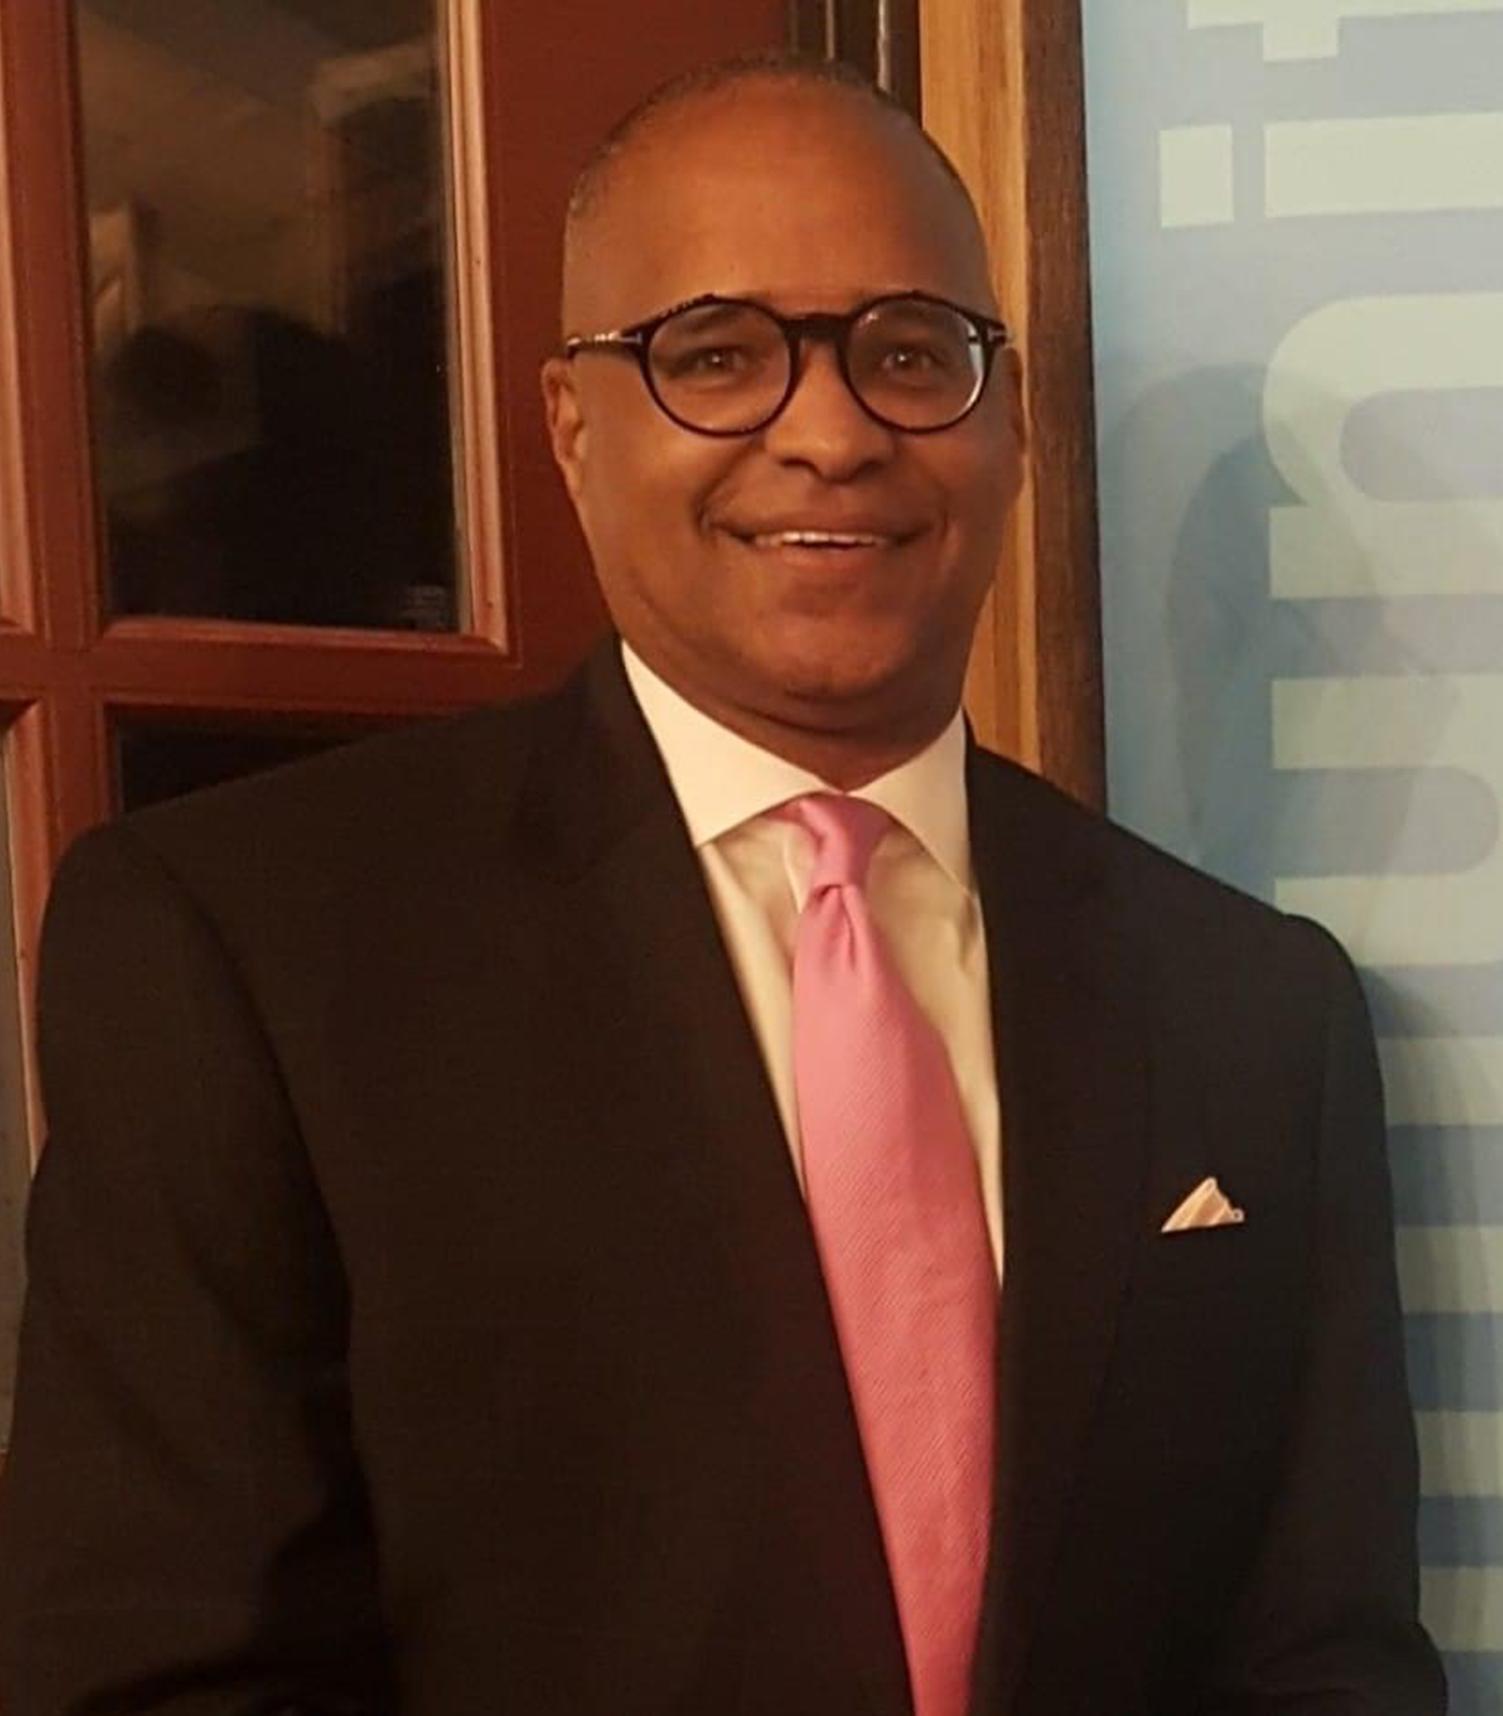 Glenn S. Forbes